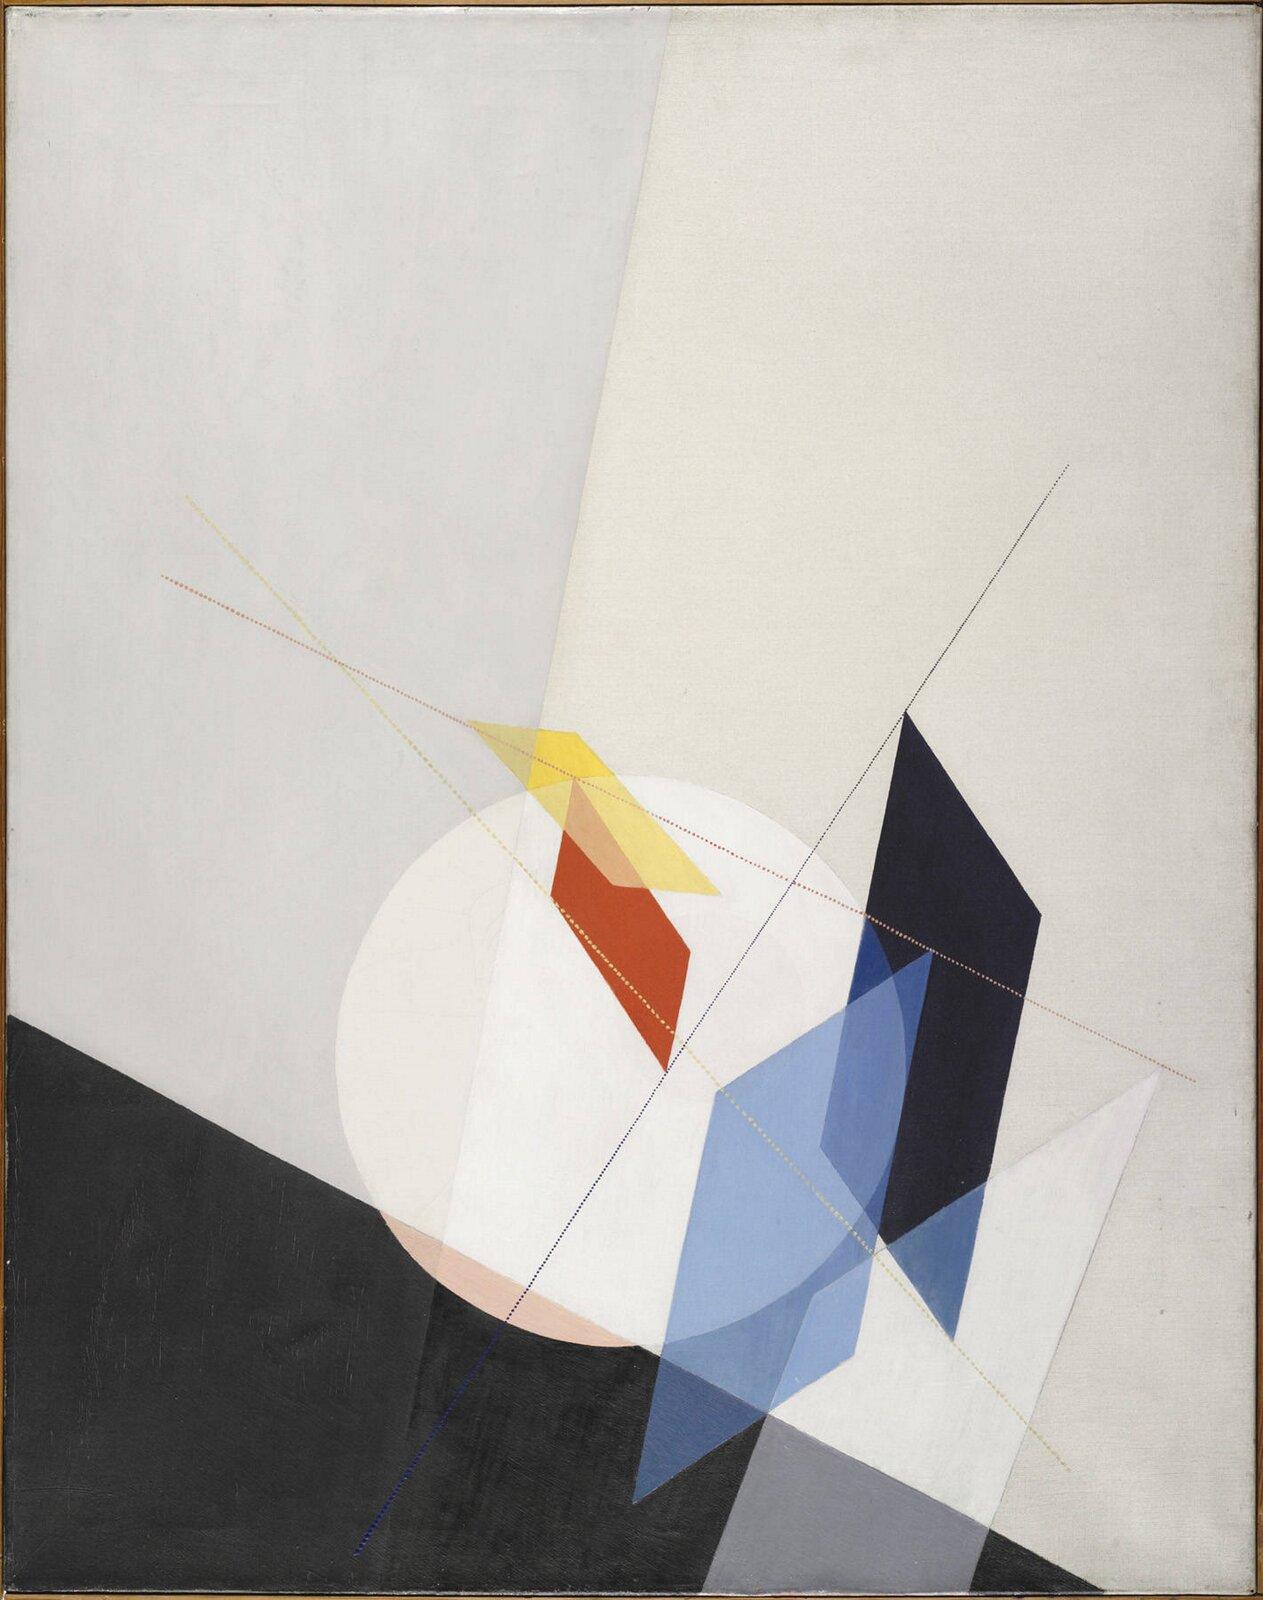 """Ilustracja przedstawia obraz László Moholy-Nagy'ego pt. """"A 18"""". Ukazuje on różne, kolorowe geometryczne kształty. Udołu znajduje się czarny trójkat mogący symbolizować podłogę, zkolei jasne tło ścianę."""